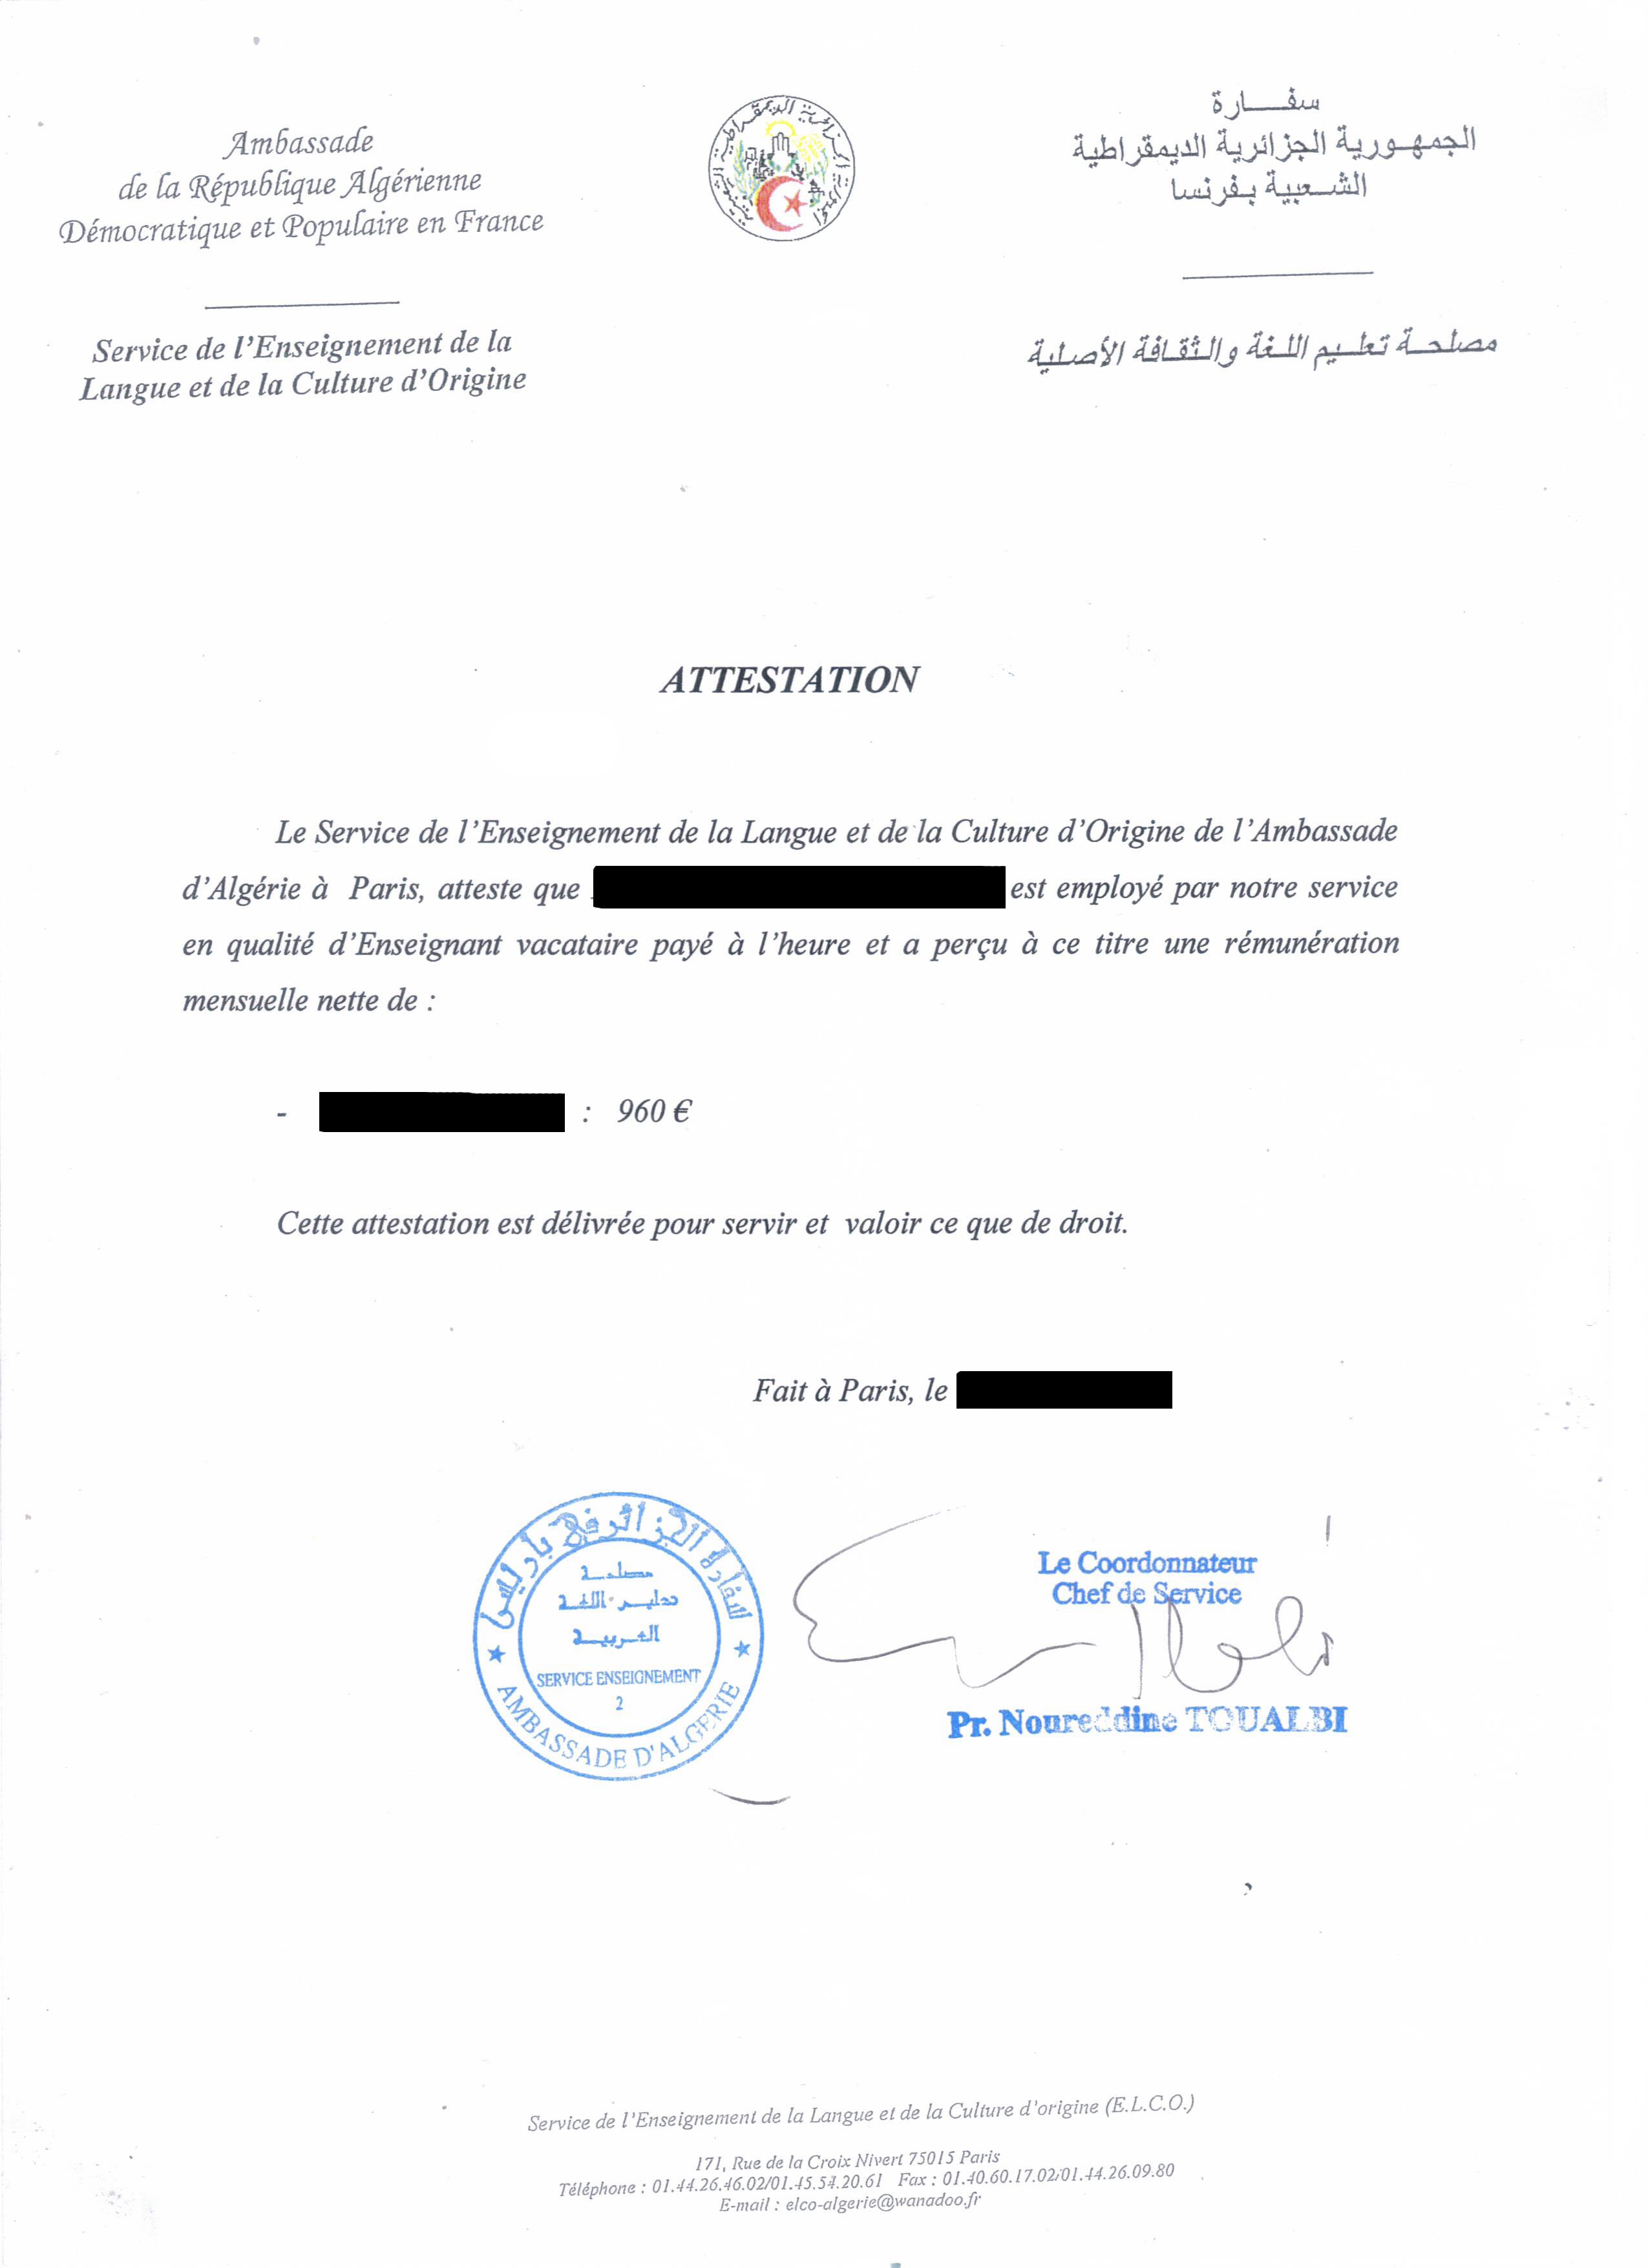 Près de 400 personnes employées illégalement par l'ambassade d